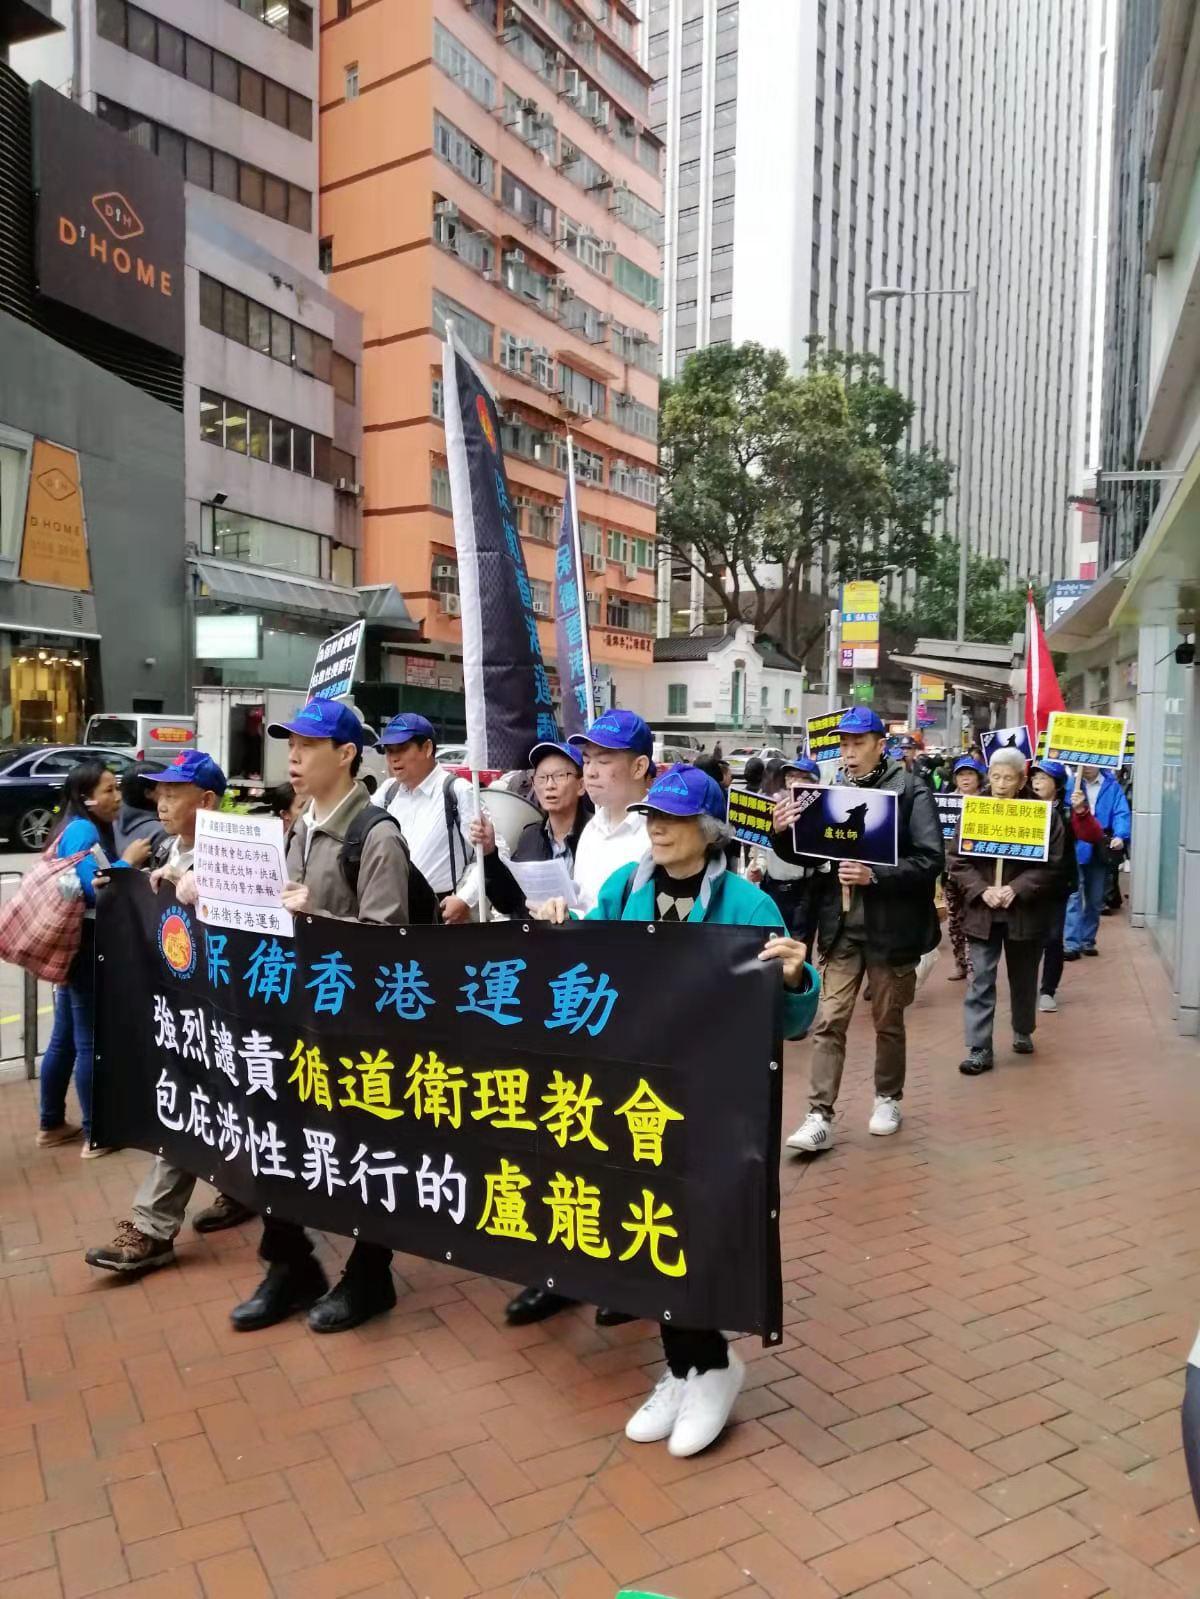 保衛香港運動 主辦「快舉報盧龍光非禮罪」遊行集會